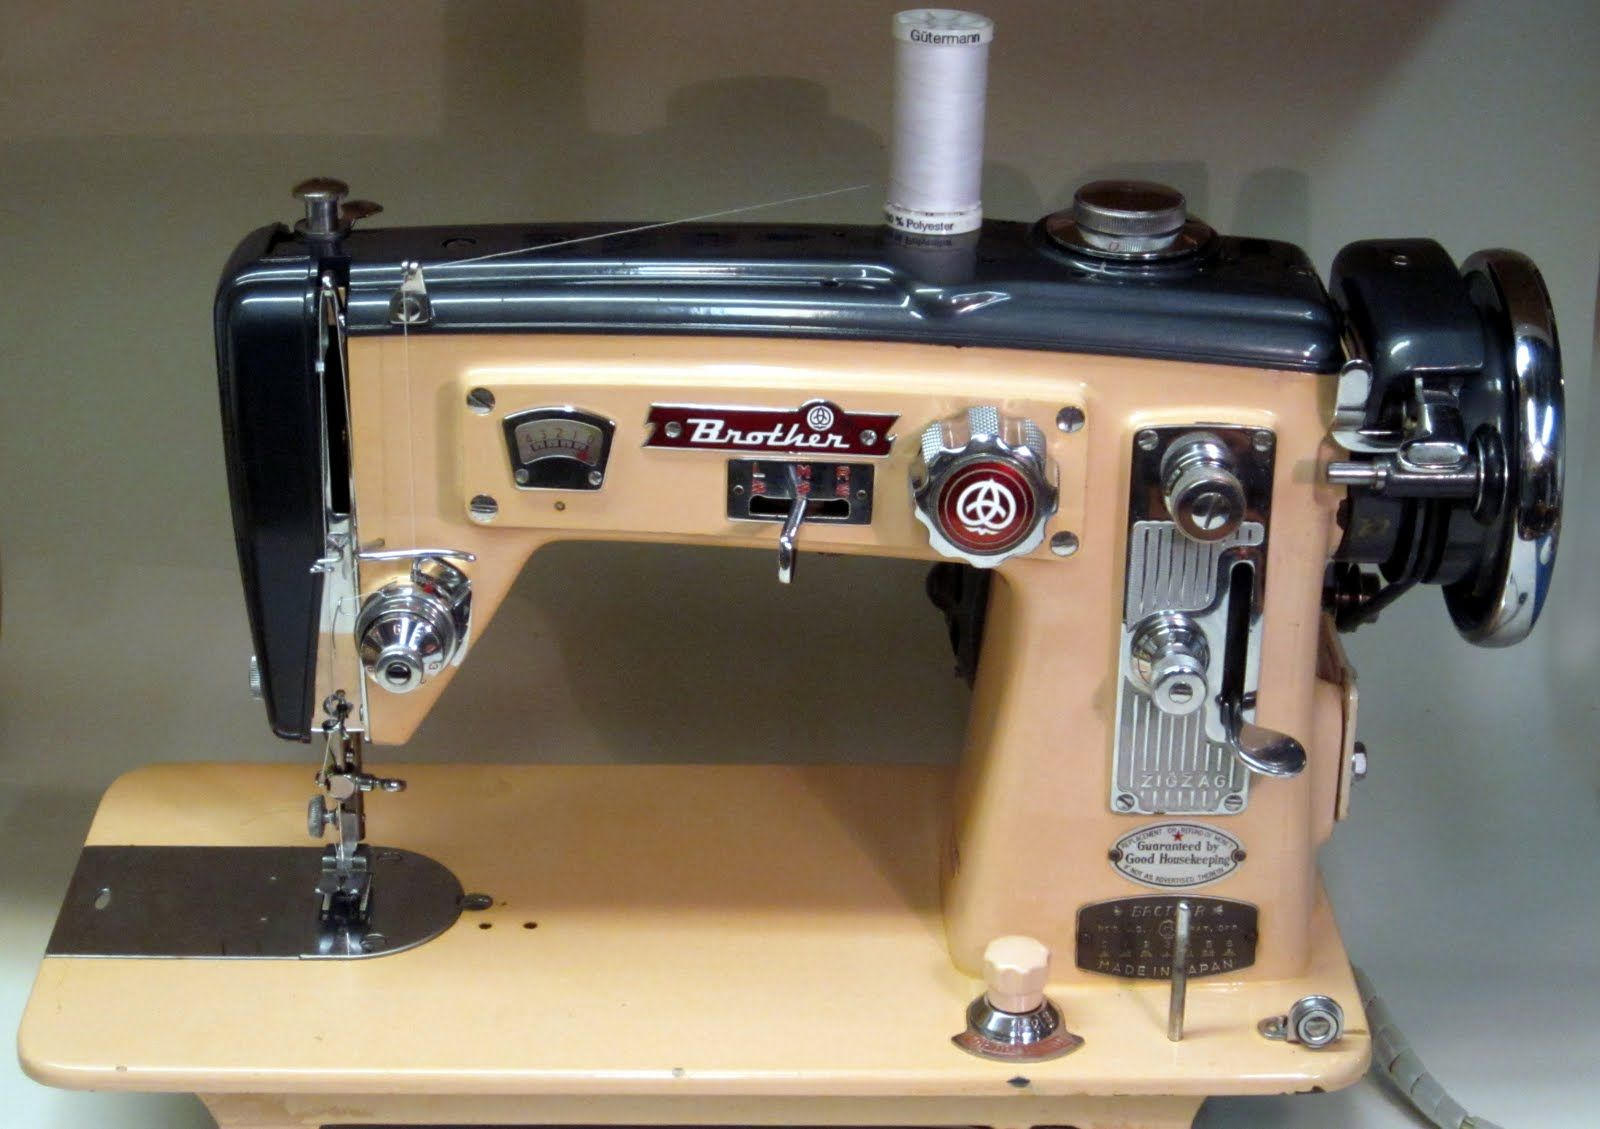 janome 4000 sewing machine manual